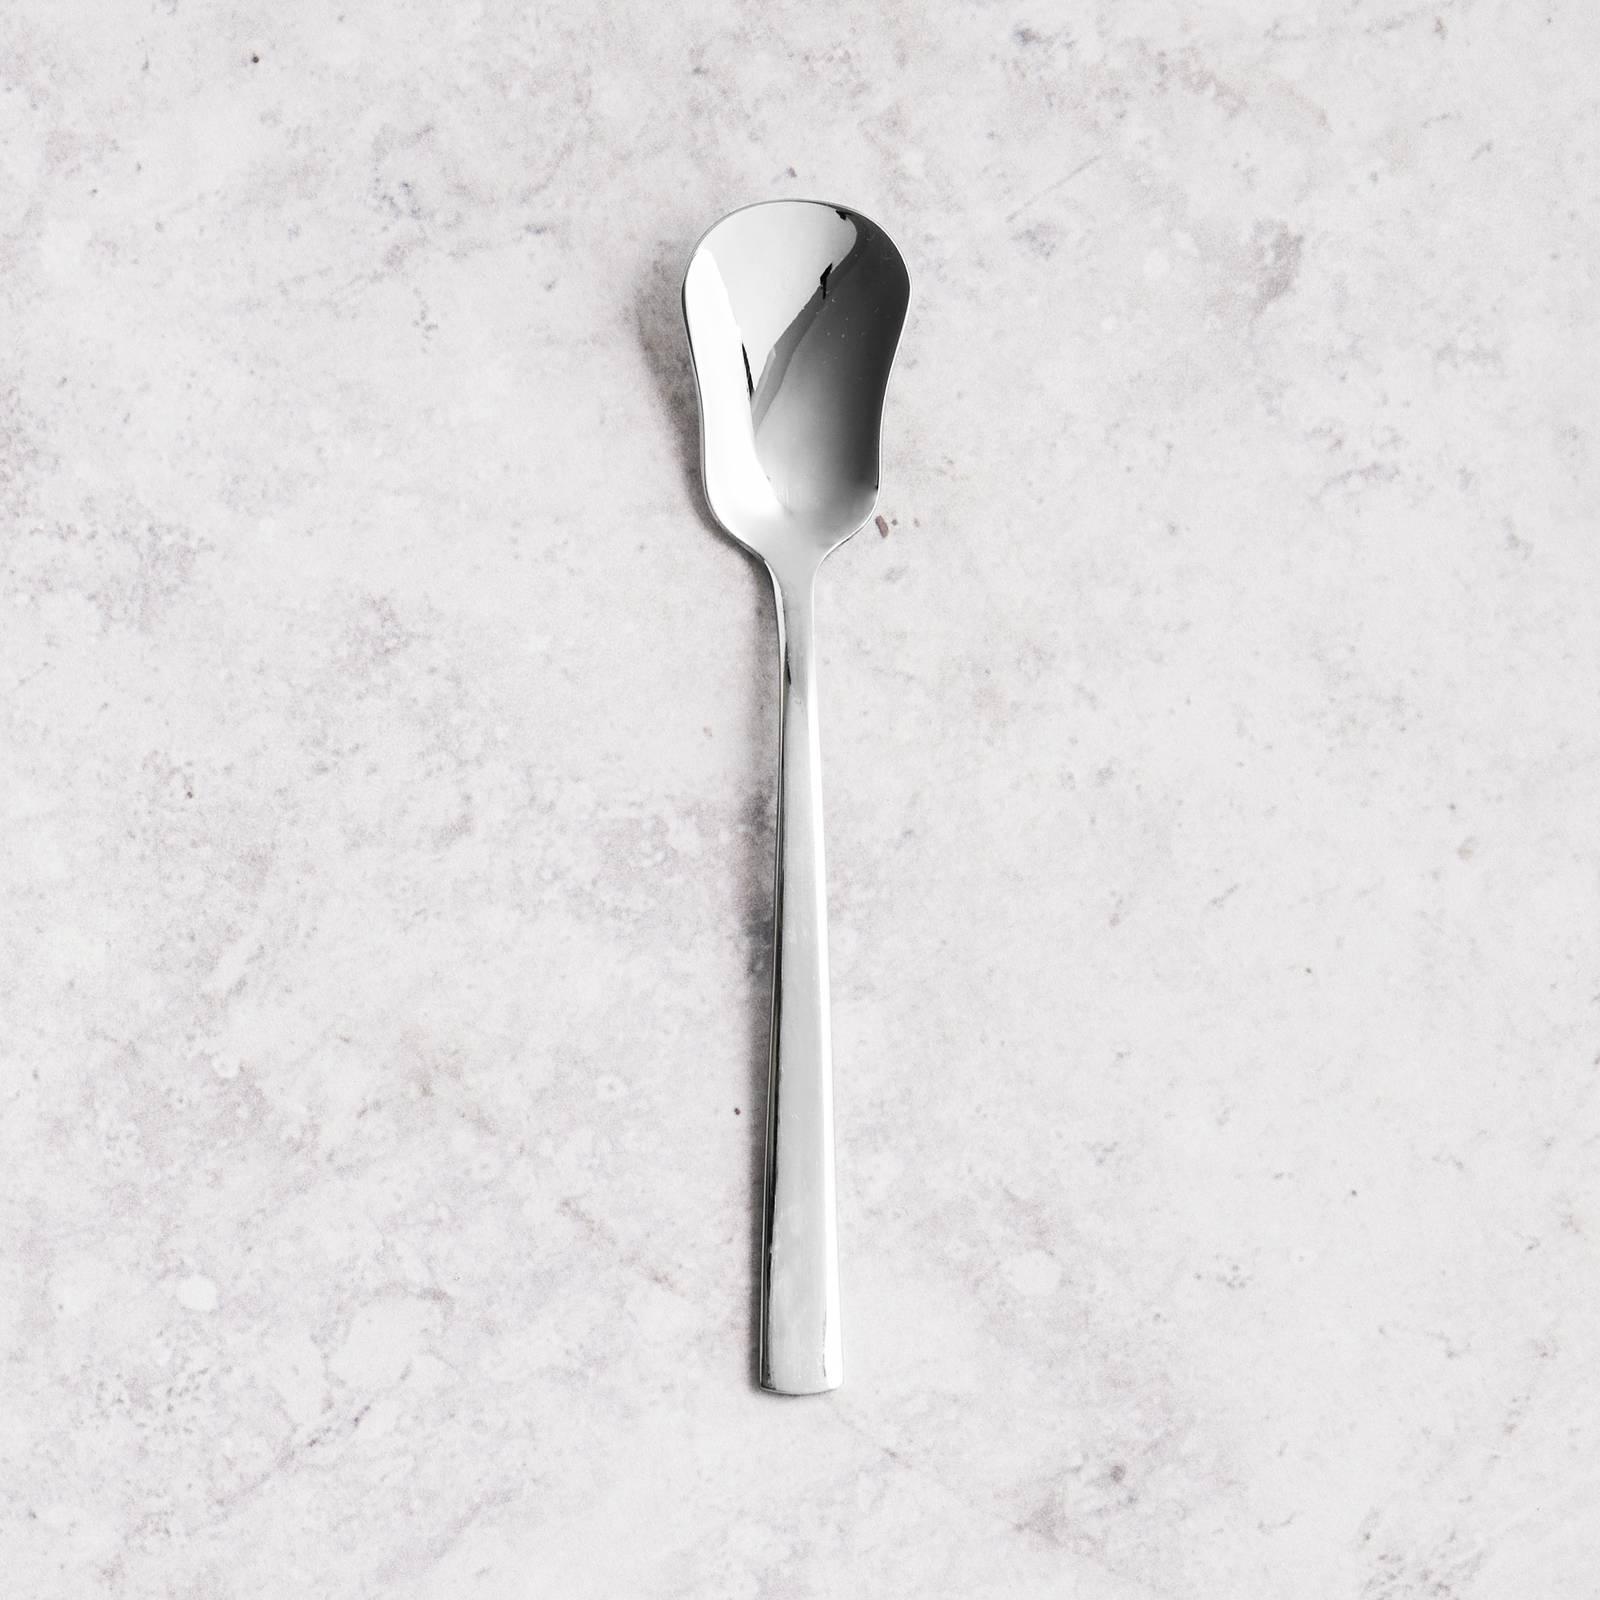 Lyžička na zmrzlinu Prato 13,8 cm AMBITION